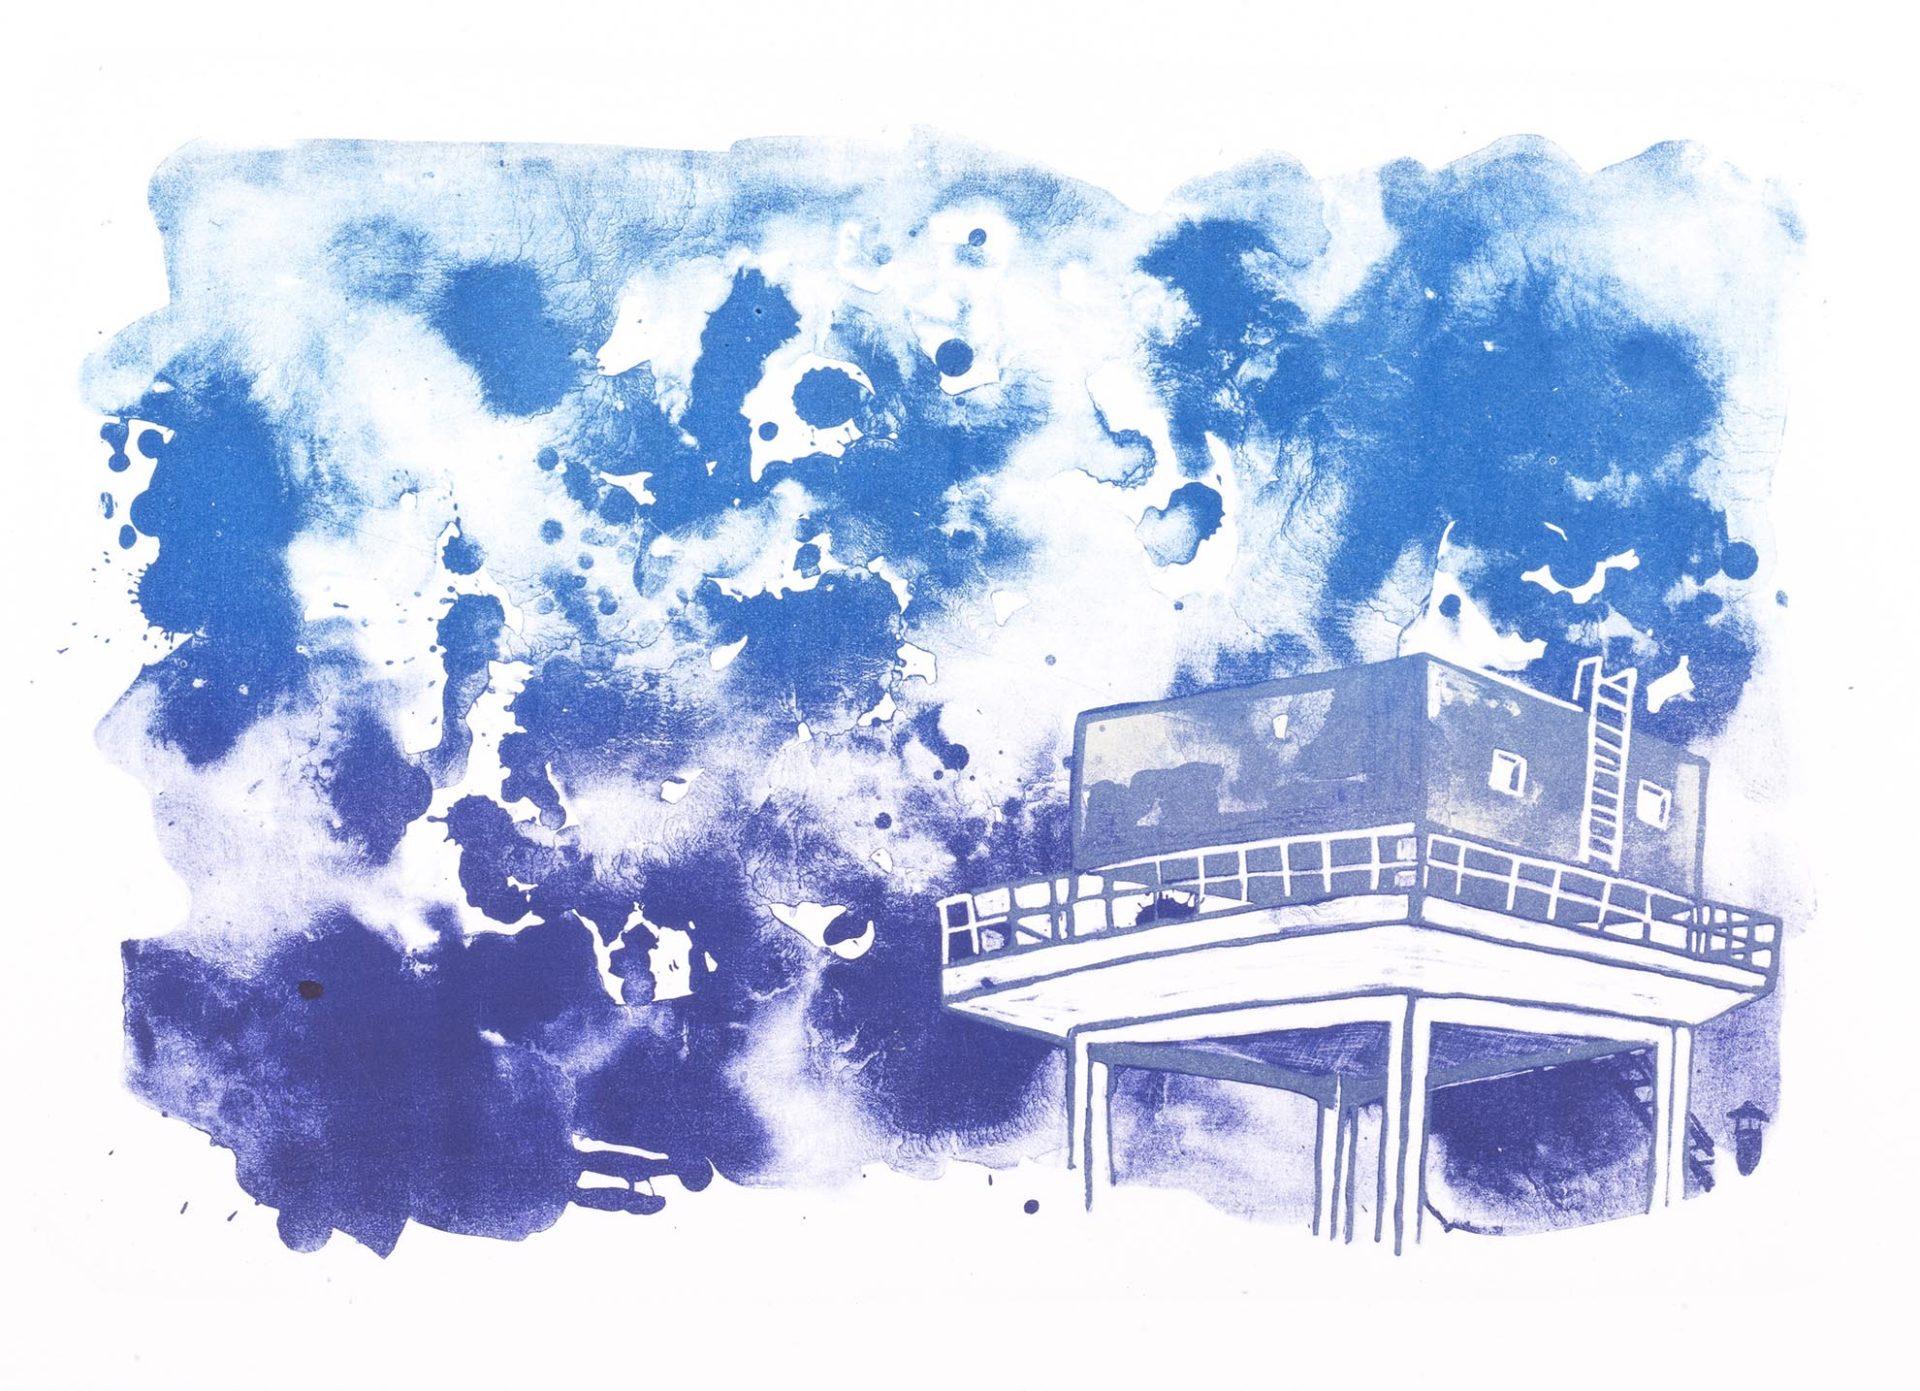 lithographie en trois couleurs représentant la réserve d'eau de la chocolaterie de Villa Lynch